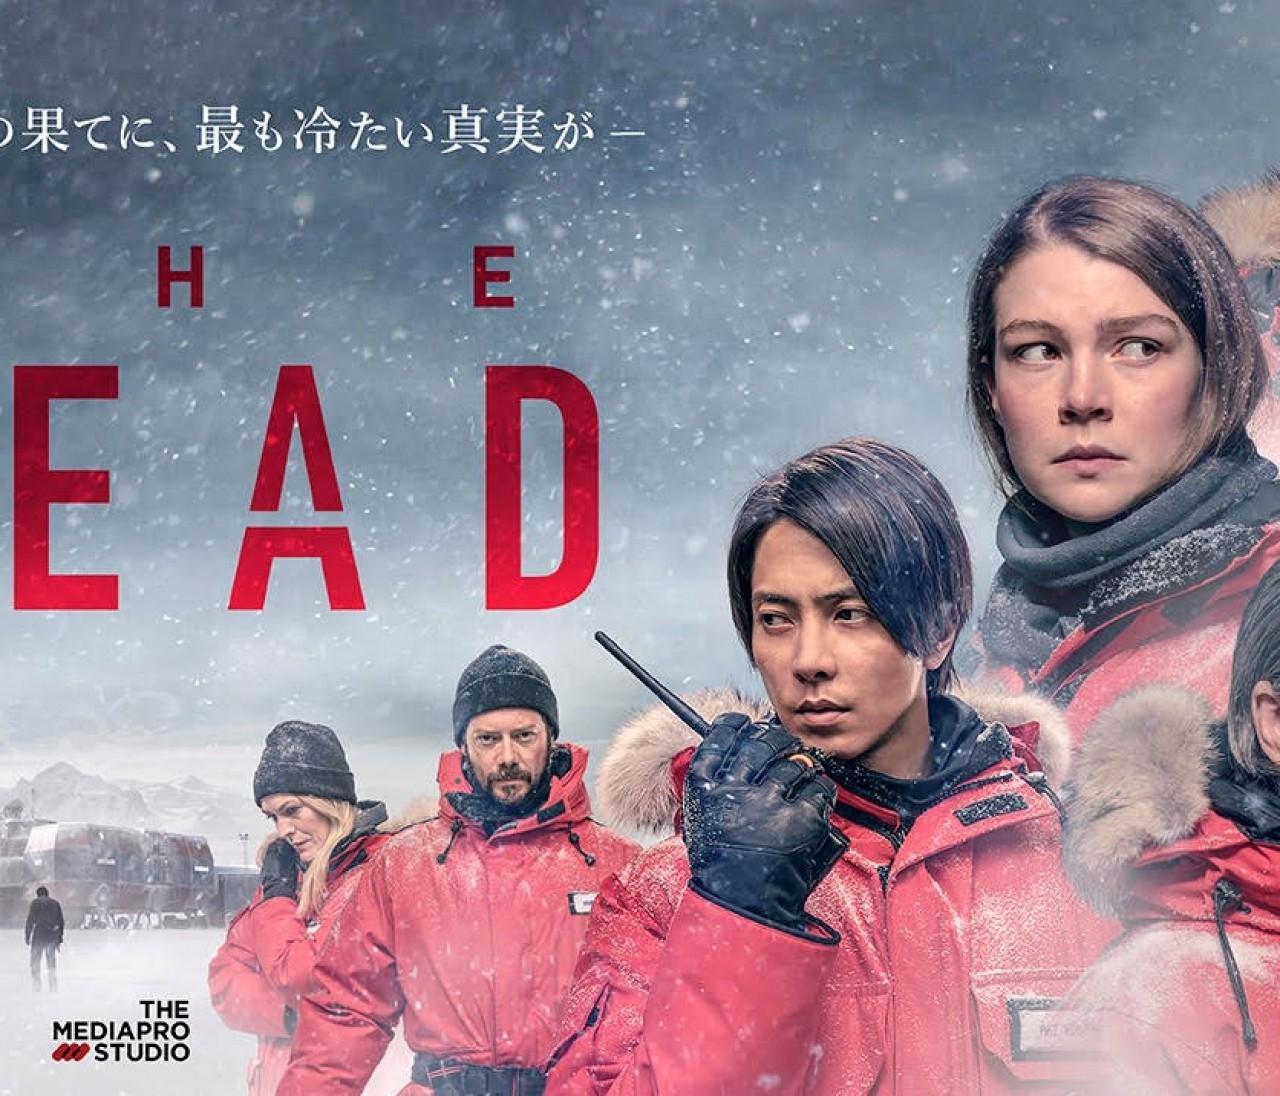 【お家でドラマ三昧】山下智久出演、日欧共同製作の超話題作!「THE HEAD」